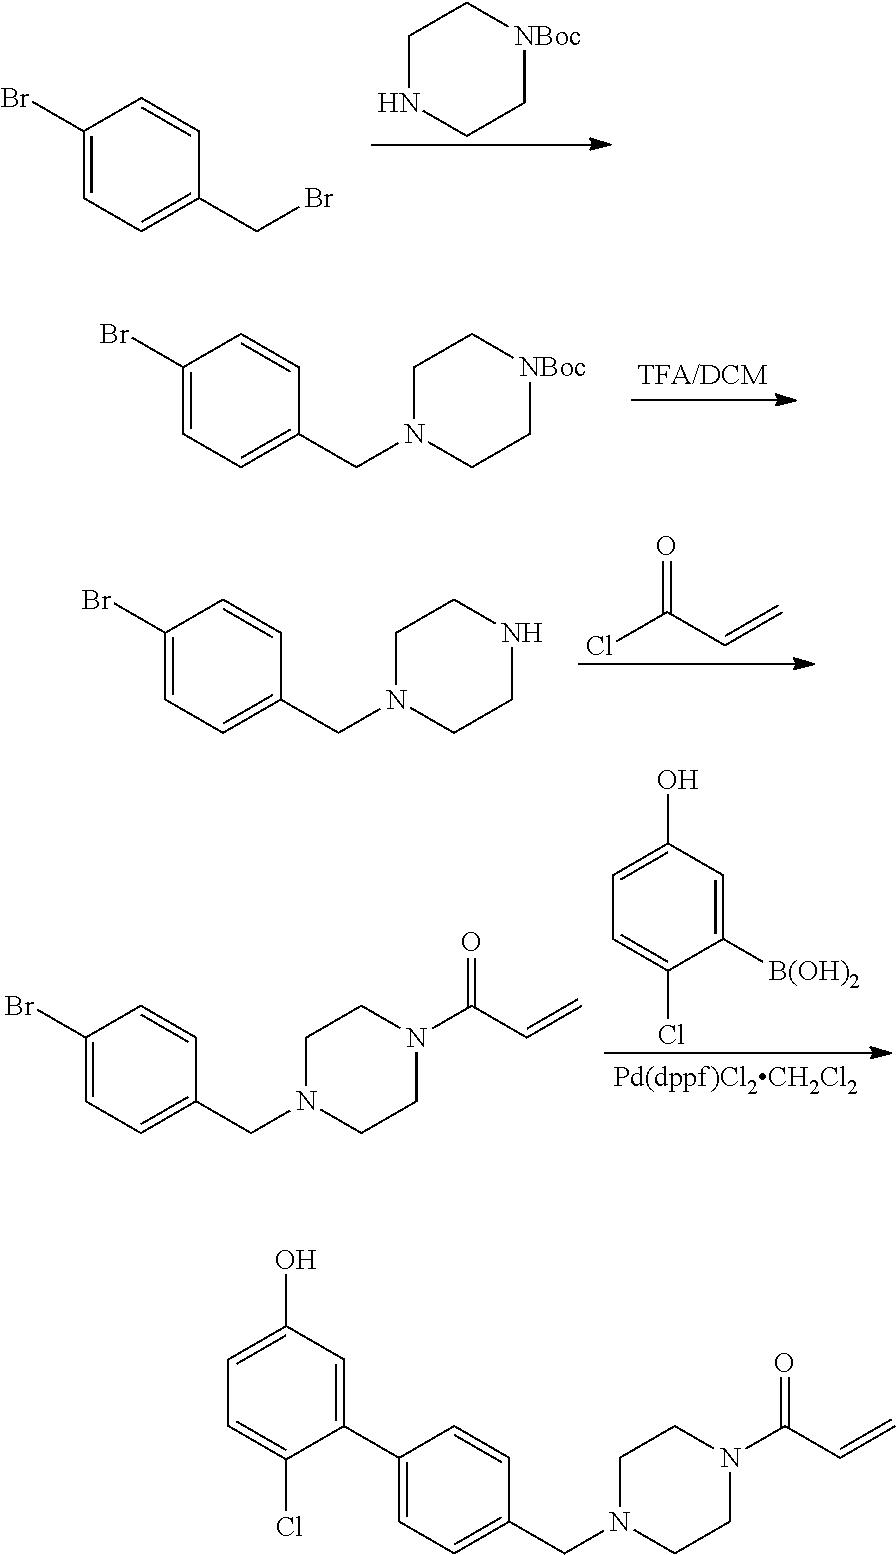 Figure US09862701-20180109-C00055